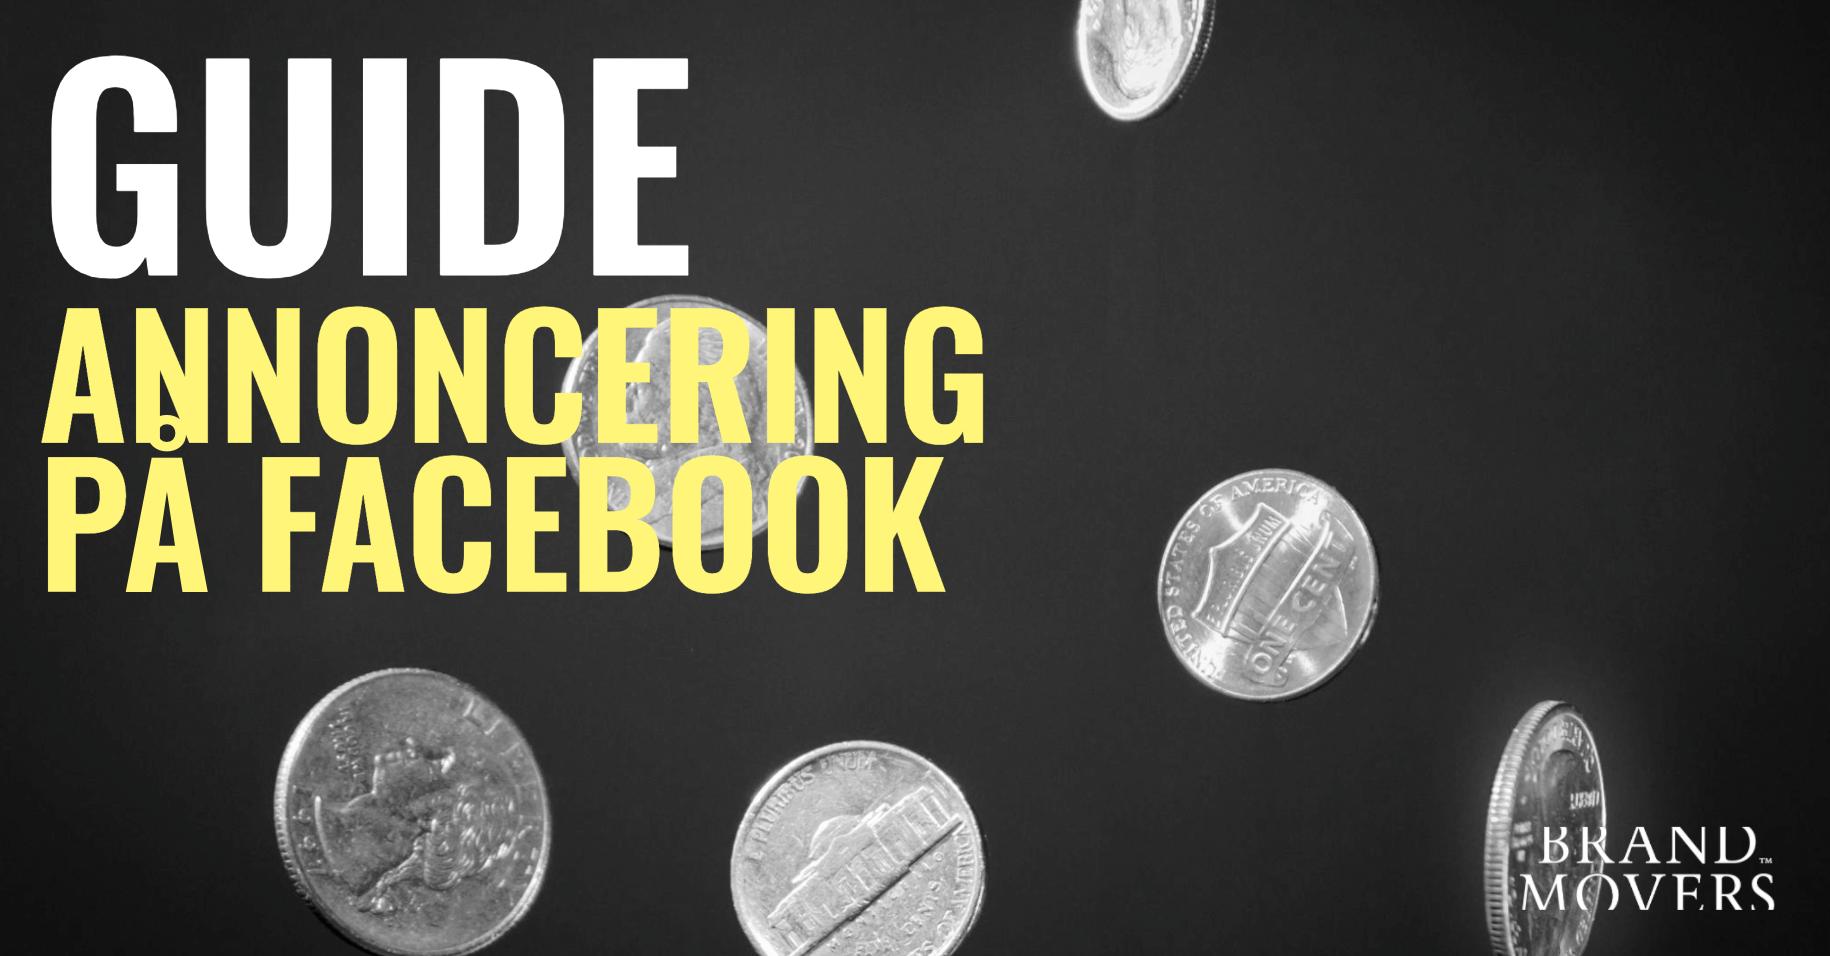 Facebook-annonceringsguide: Få succes med annoncer på Facebook